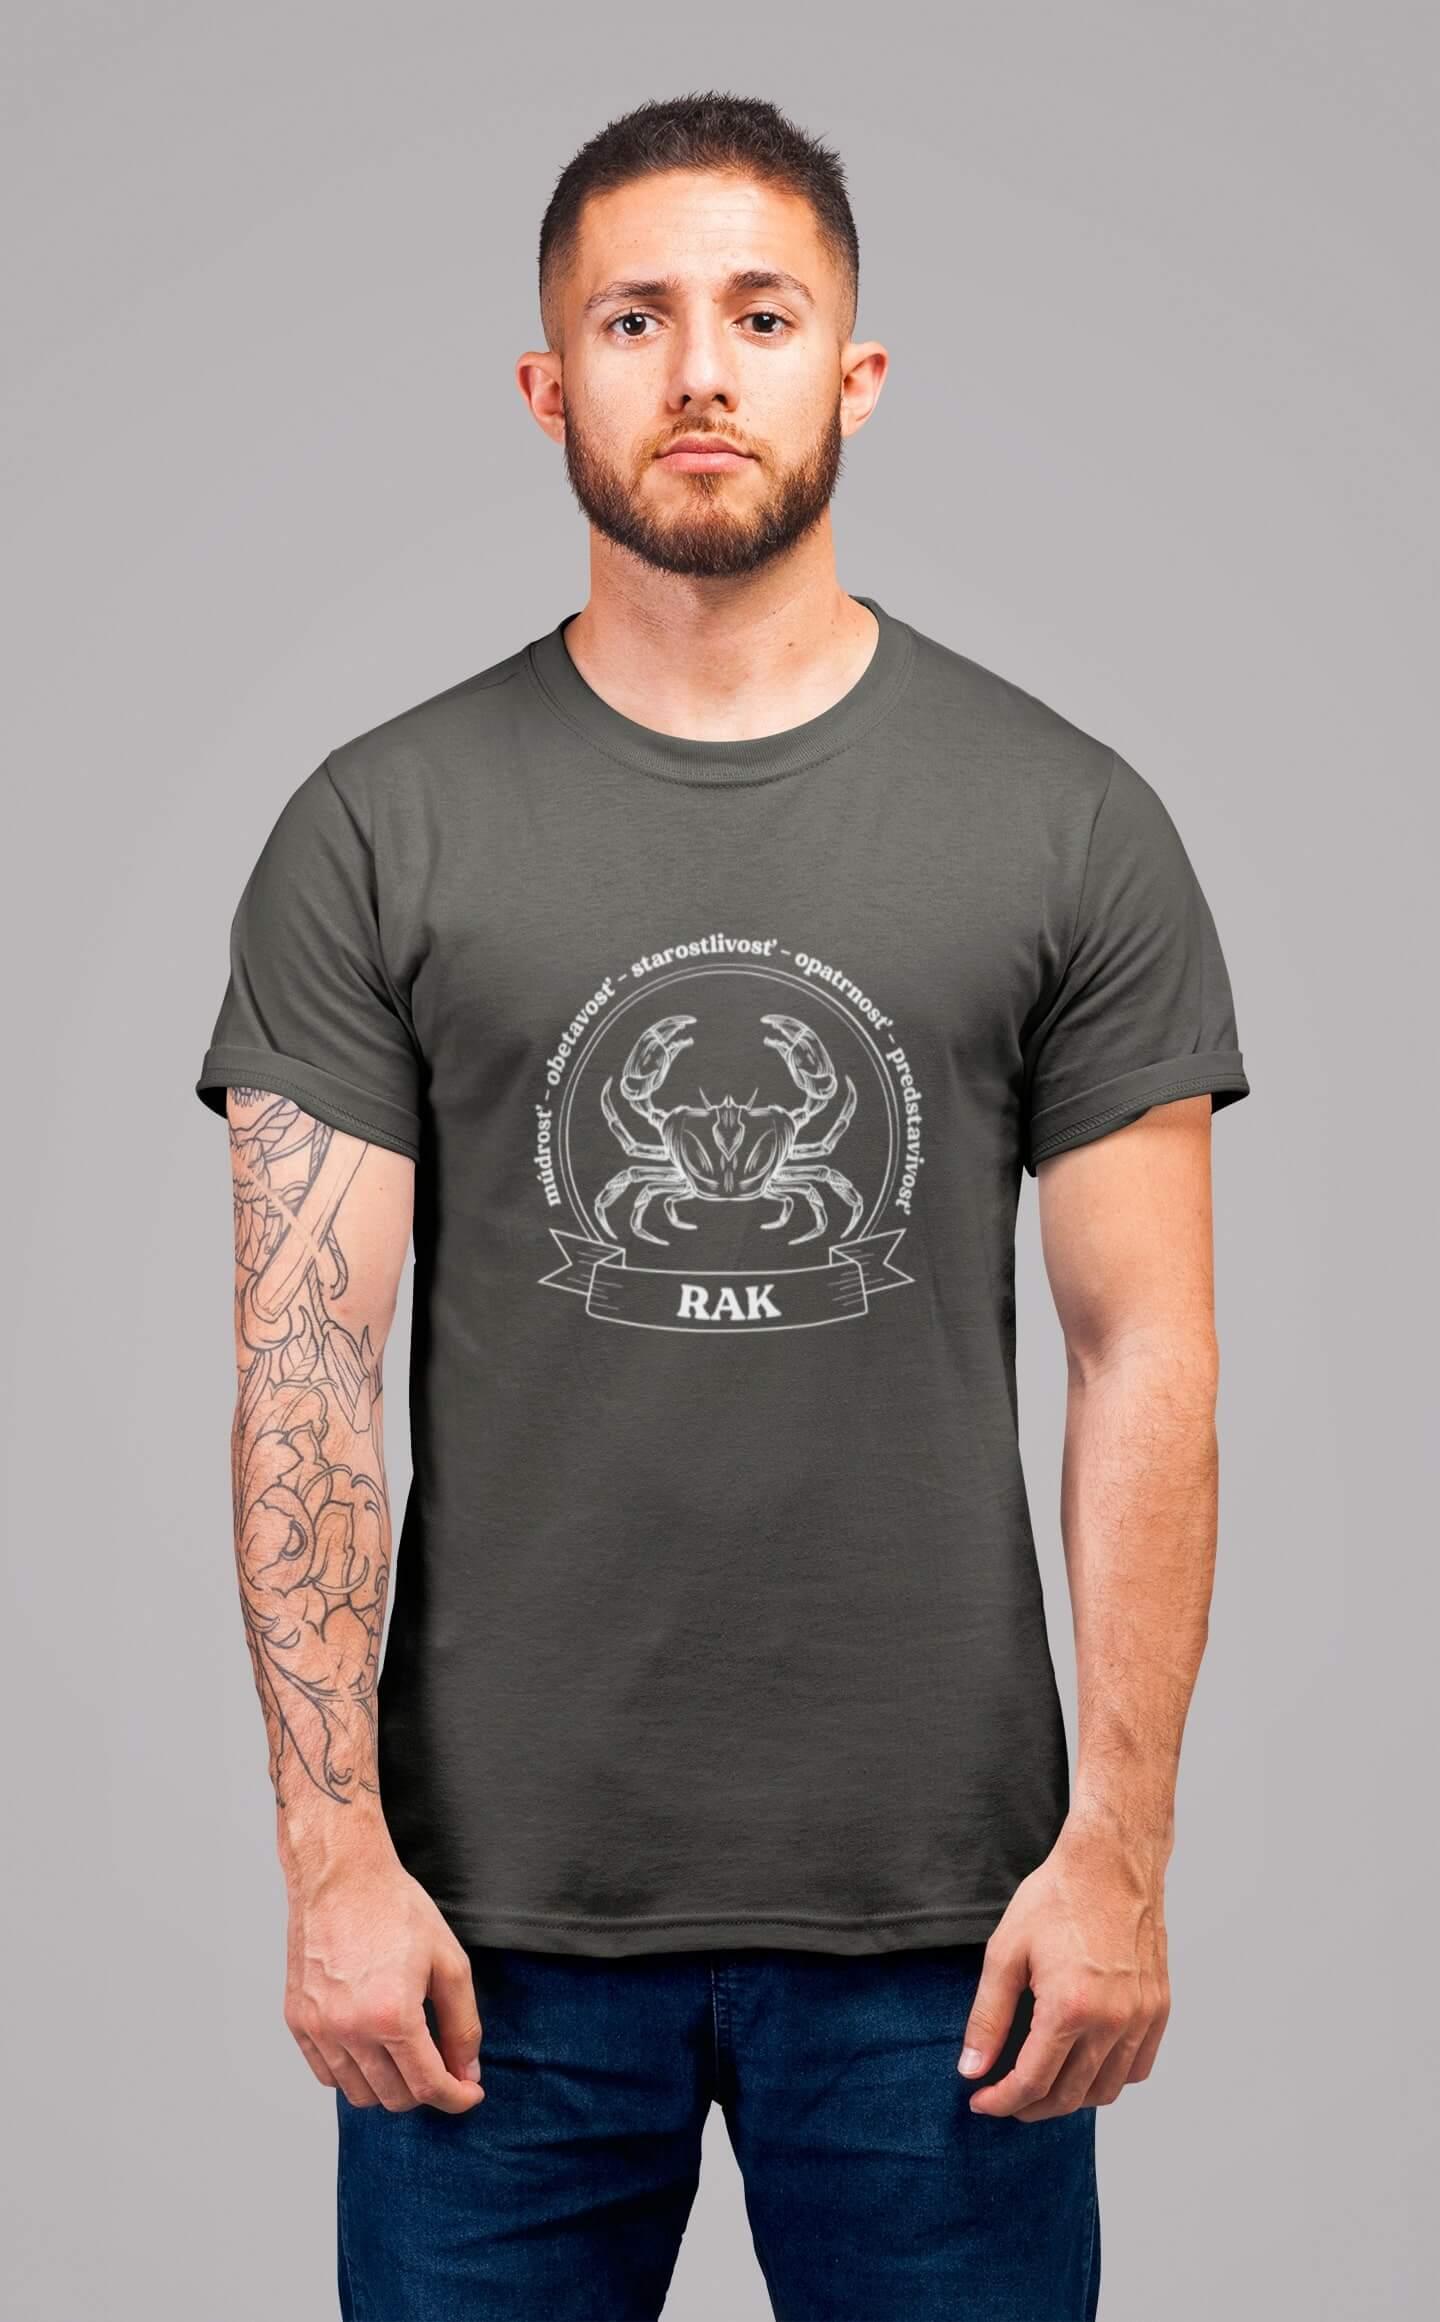 MMO Pánske tričko Rak Vyberte farbu: Tmavá bridlica, Vyberte veľkosť: XL